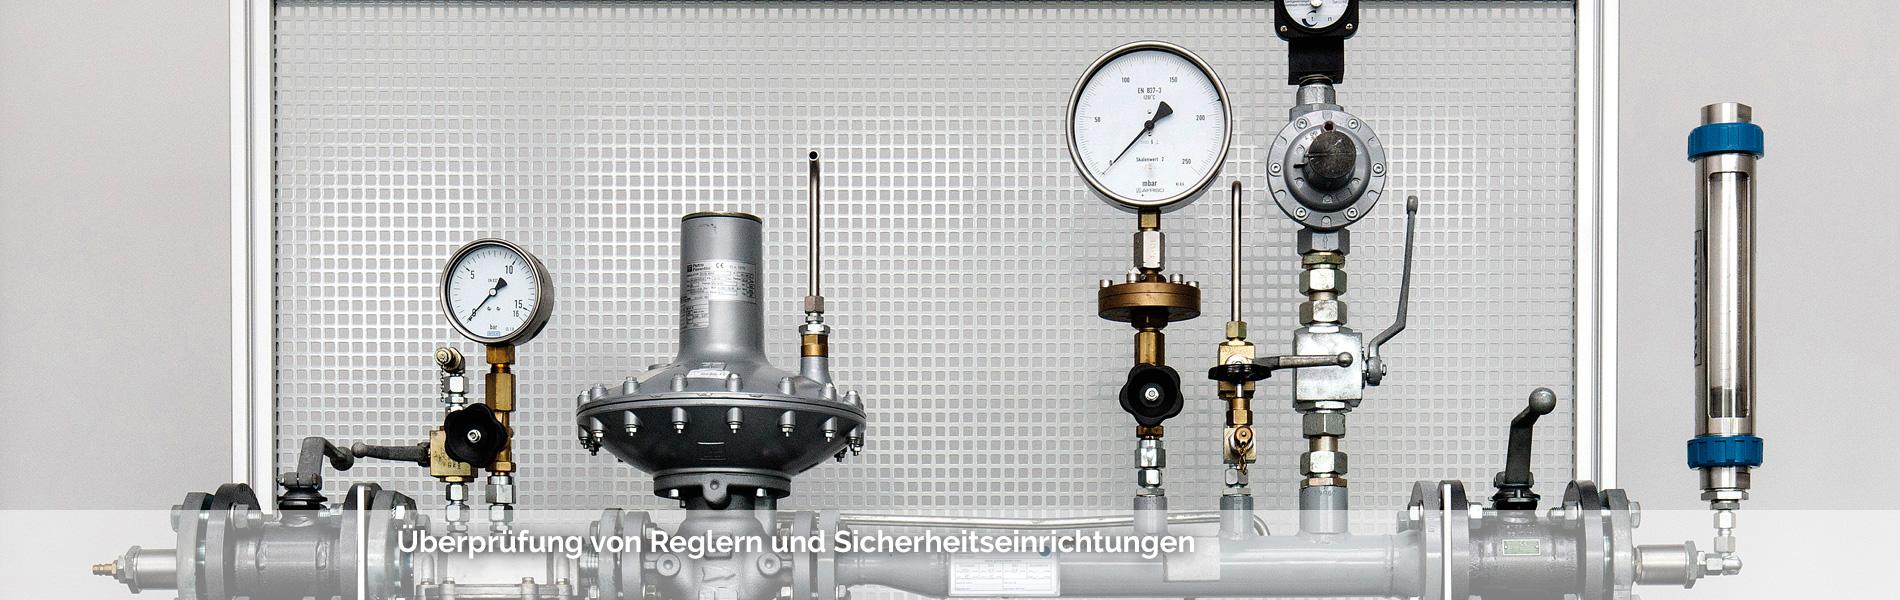 Gasdruckregelung